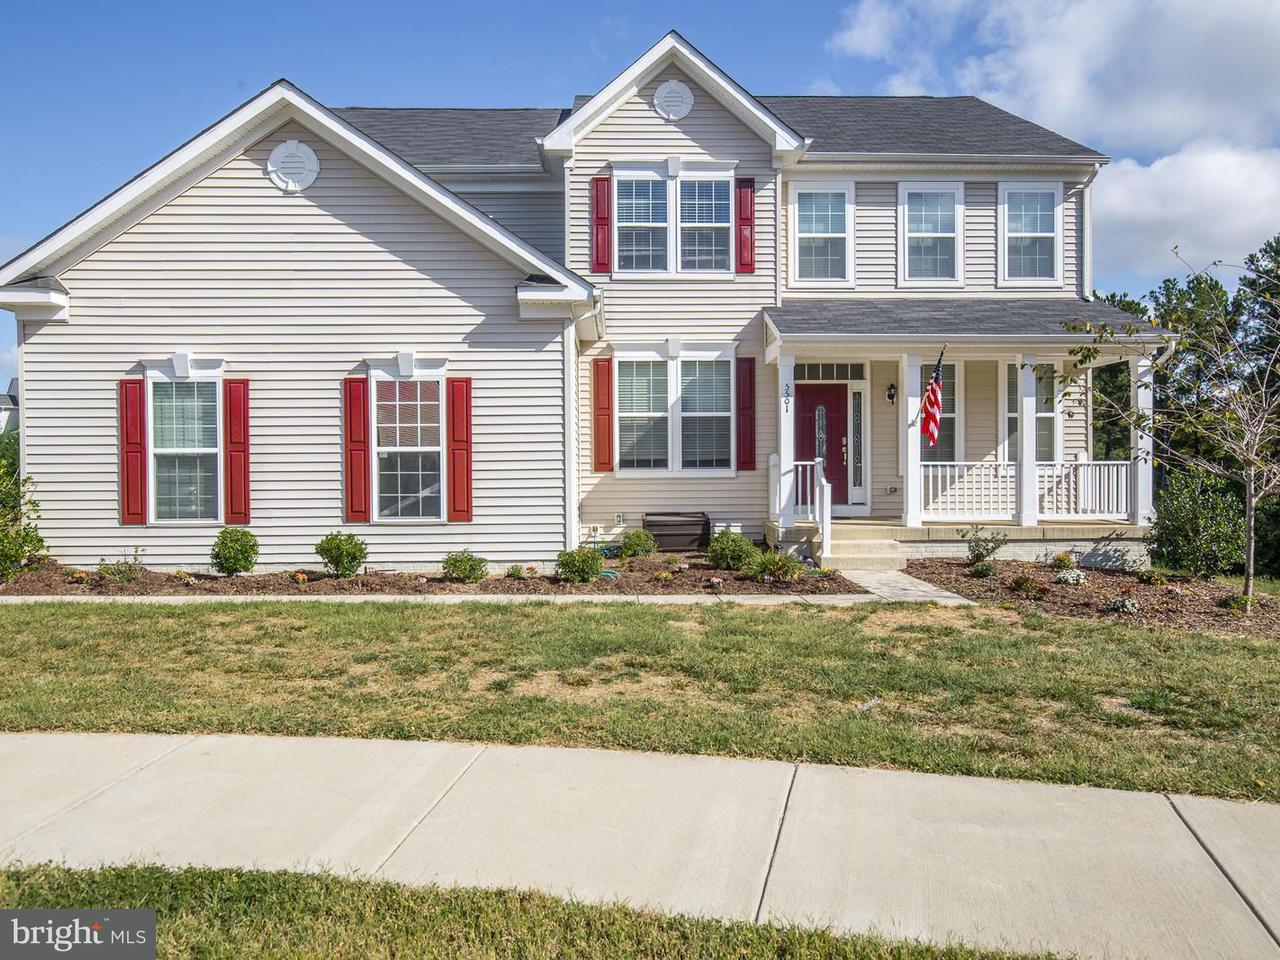 獨棟家庭住宅 為 出售 在 5501 SPRING BLUFF Court 5501 SPRING BLUFF Court Fredericksburg, 弗吉尼亞州 22407 美國